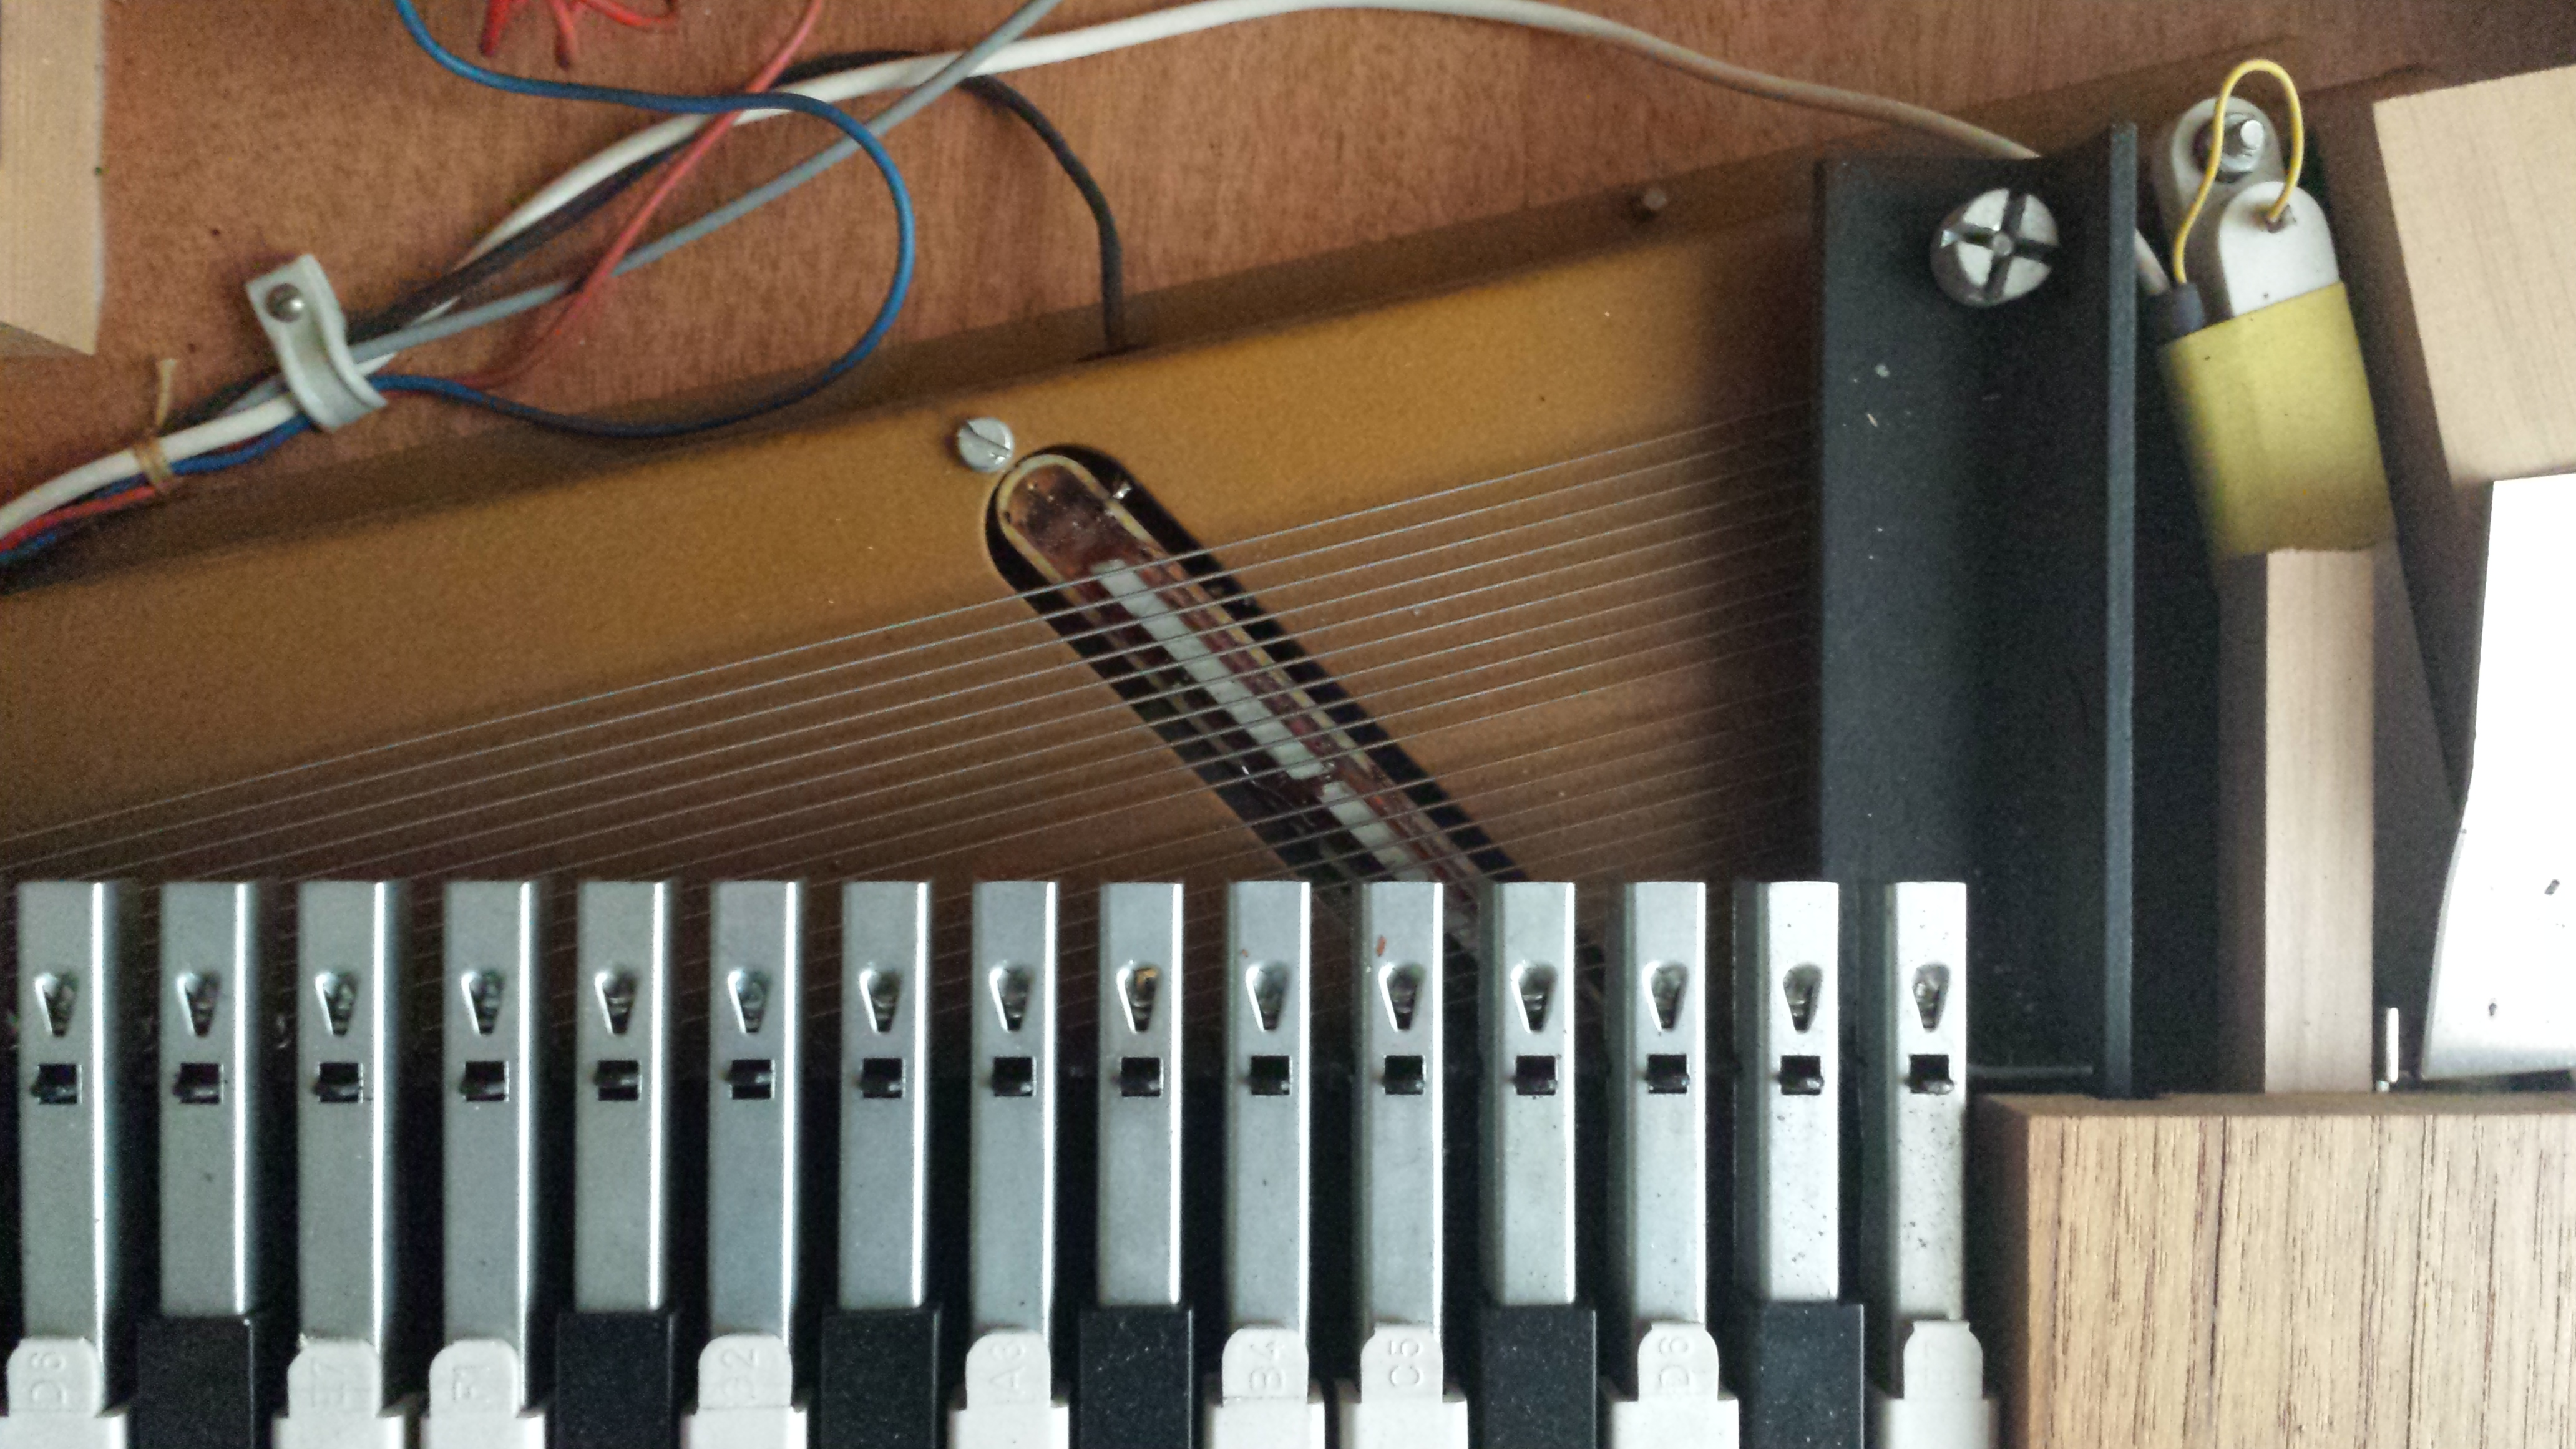 hohner clavinet d6 image 626091 audiofanzine. Black Bedroom Furniture Sets. Home Design Ideas